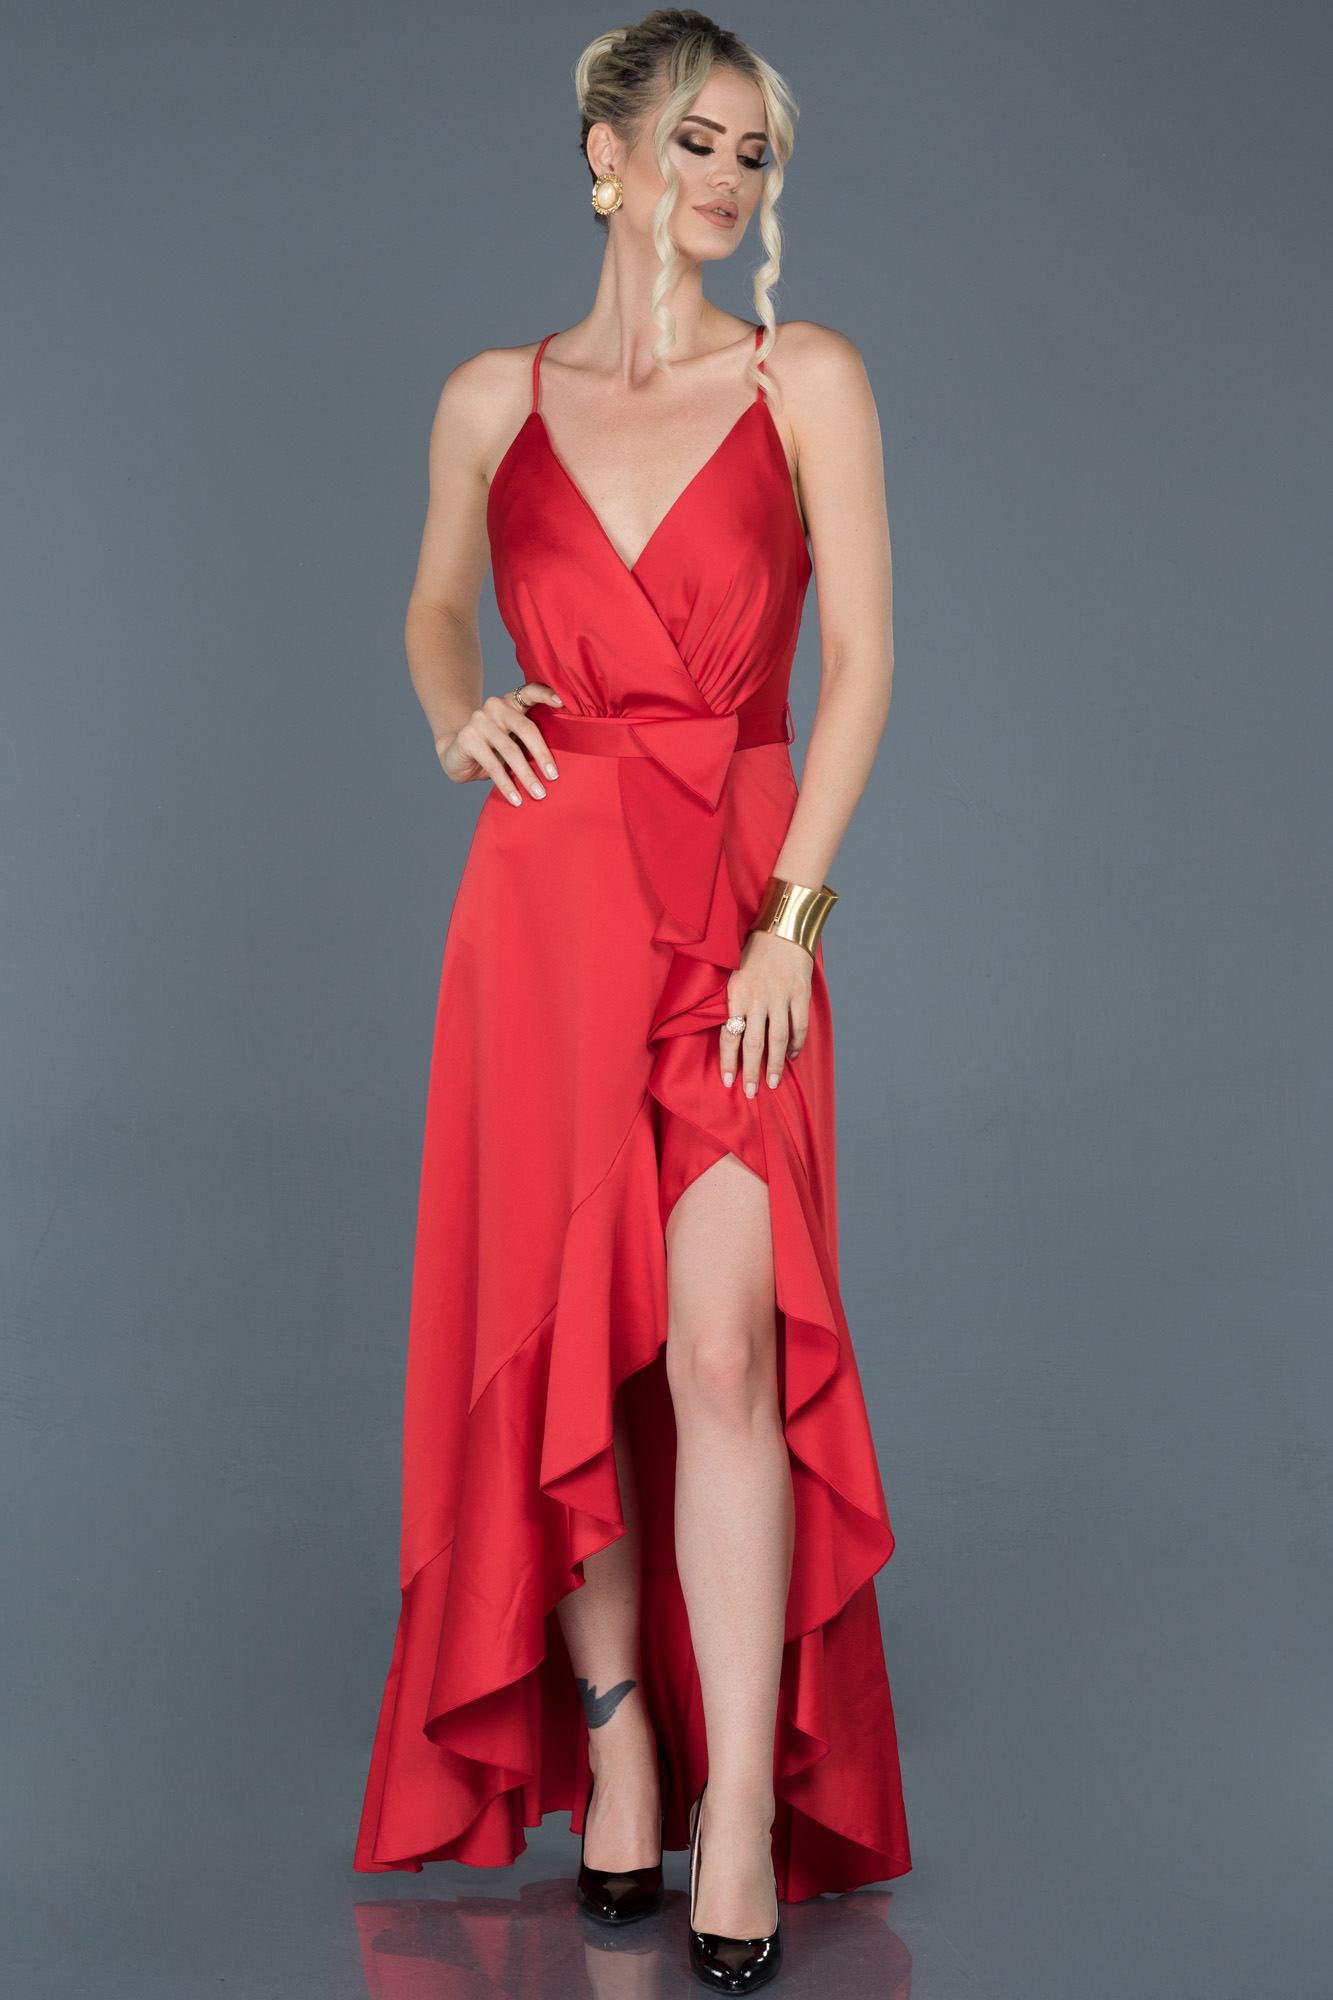 Kırmızı Önü Kısa Arkası Uzun Saten Abiye Elbise